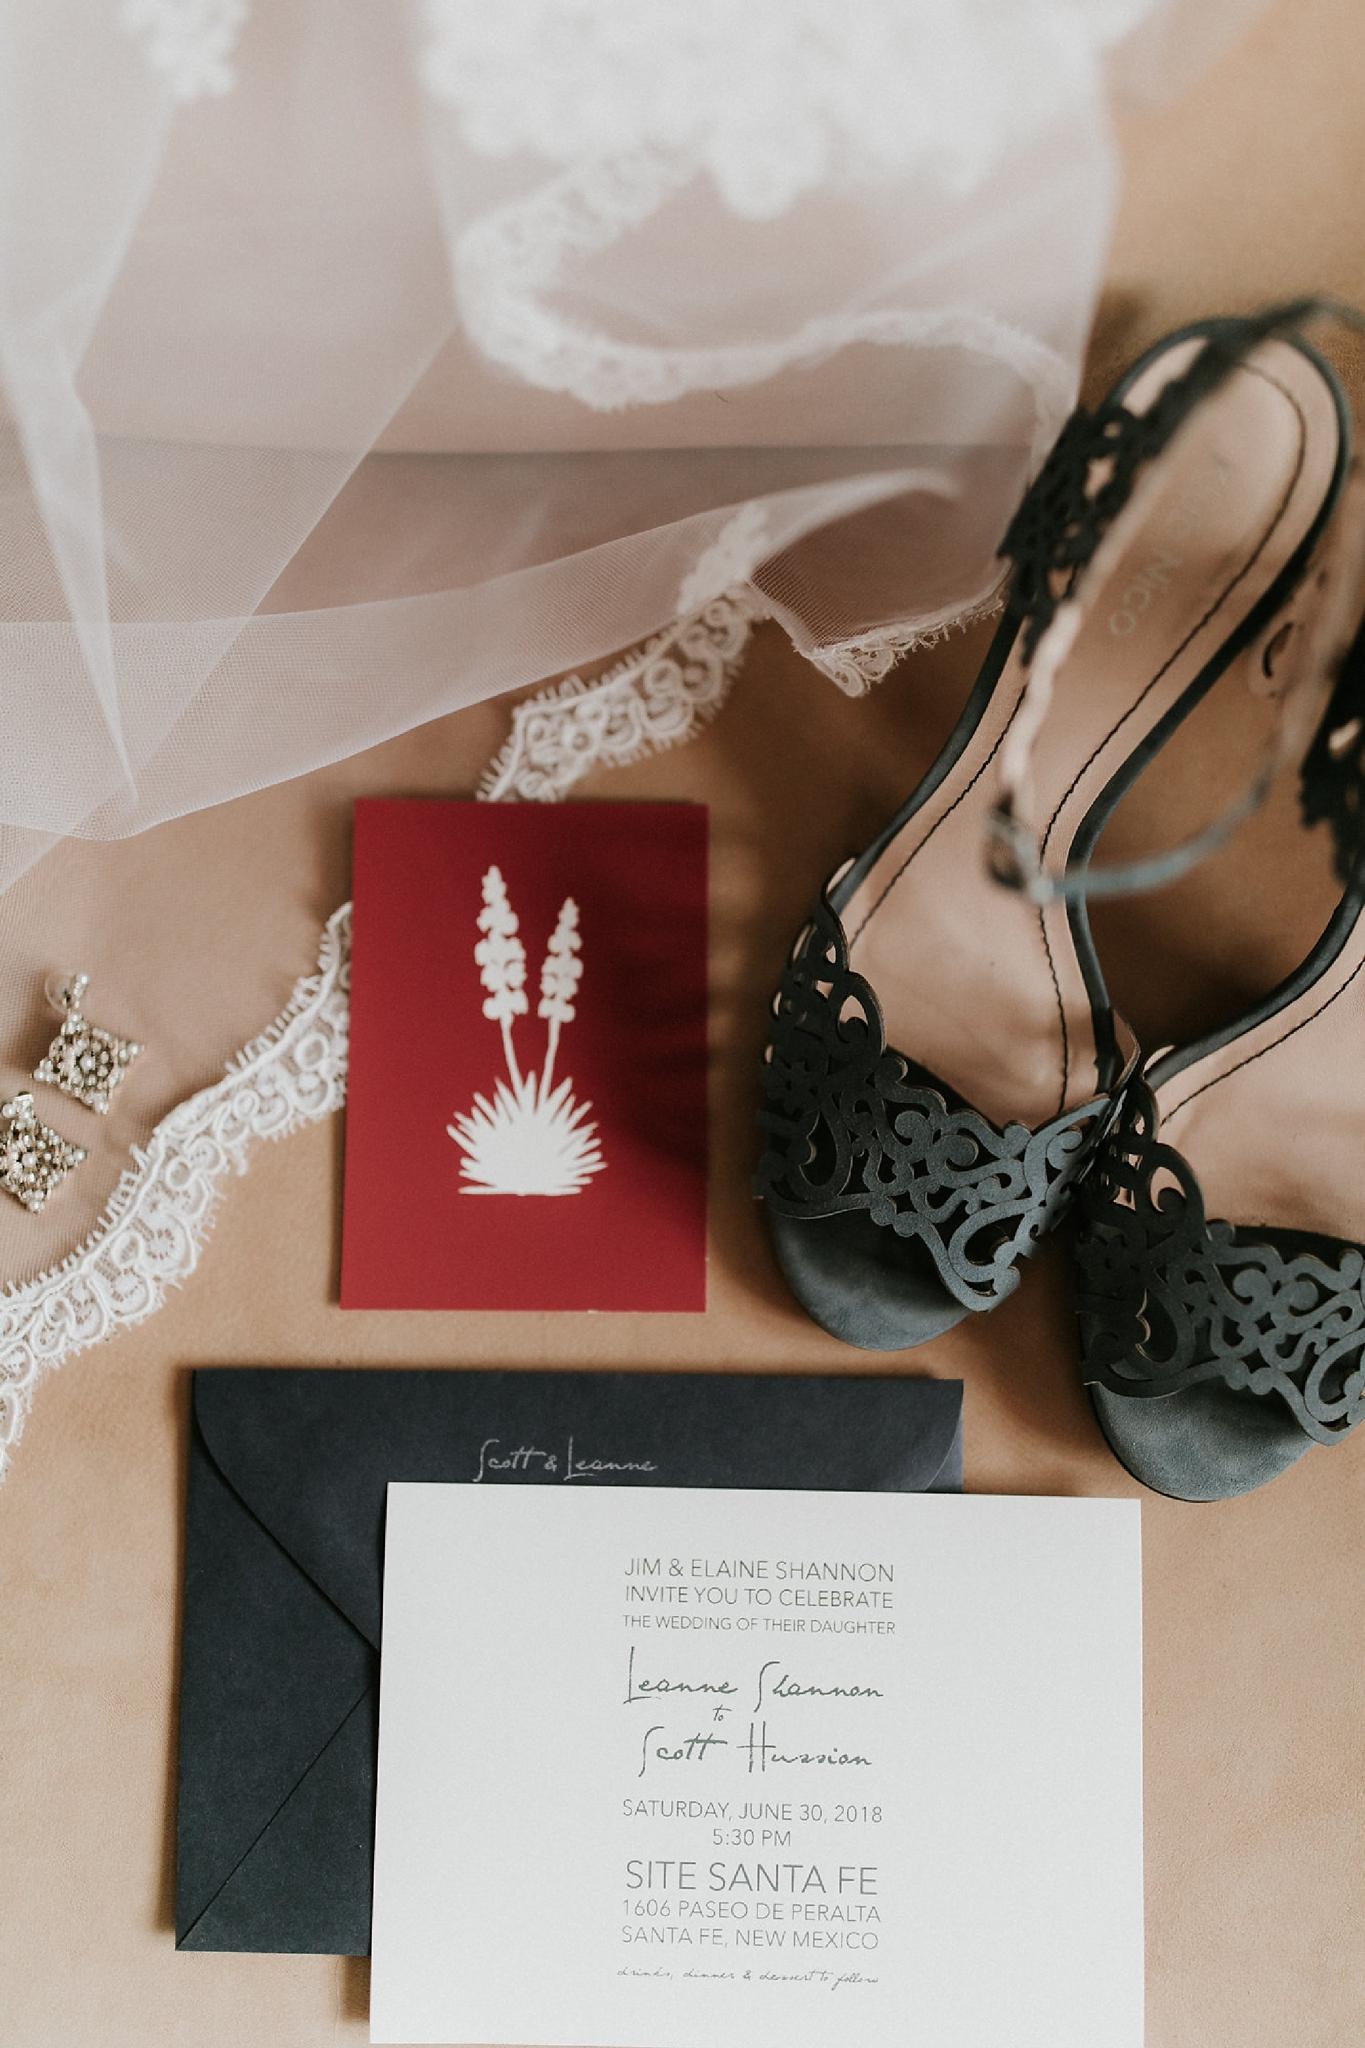 Alicia+lucia+photography+-+albuquerque+wedding+photographer+-+santa+fe+wedding+photography+-+new+mexico+wedding+photographer+-+new+mexico+wedding+-+wedding+invitations+-+invitation+suite+-+wedding+inspo_0004.jpg